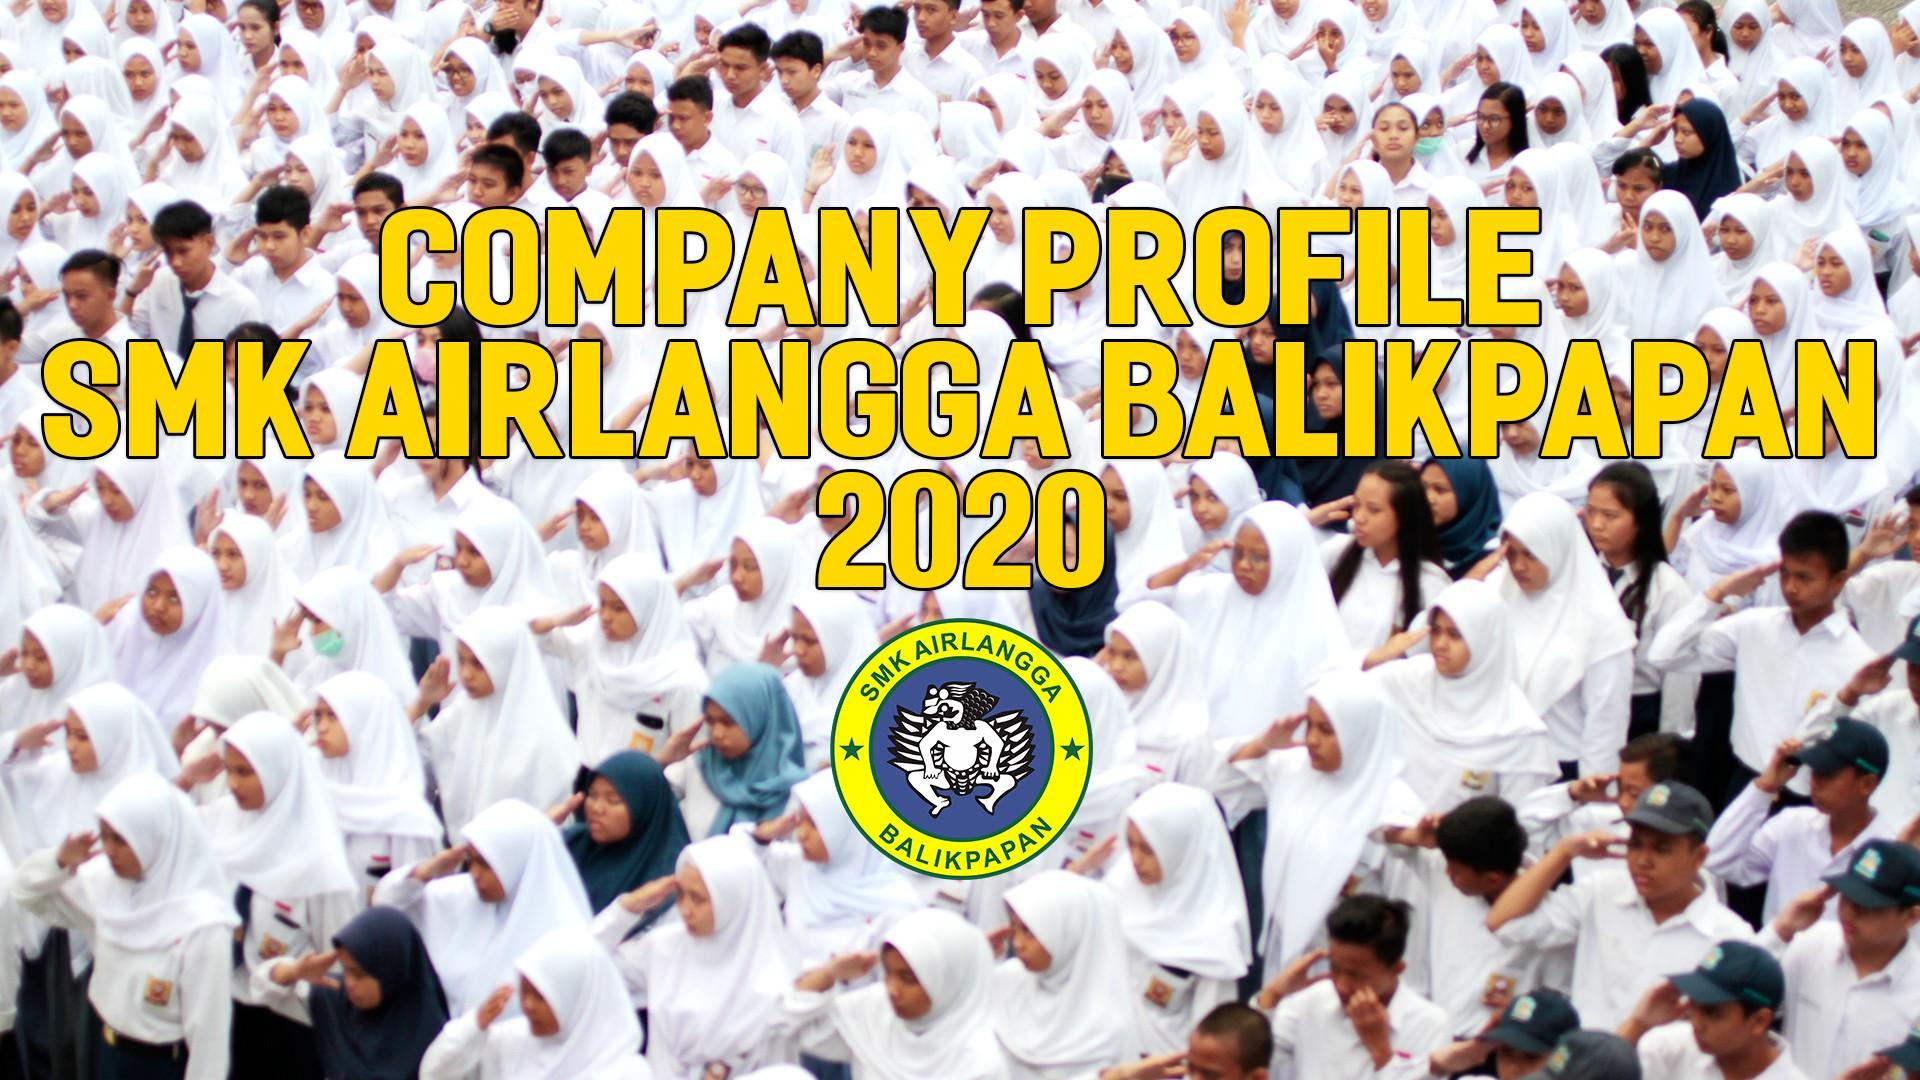 Company Profile SMK Airlangga Balikpapan 2020